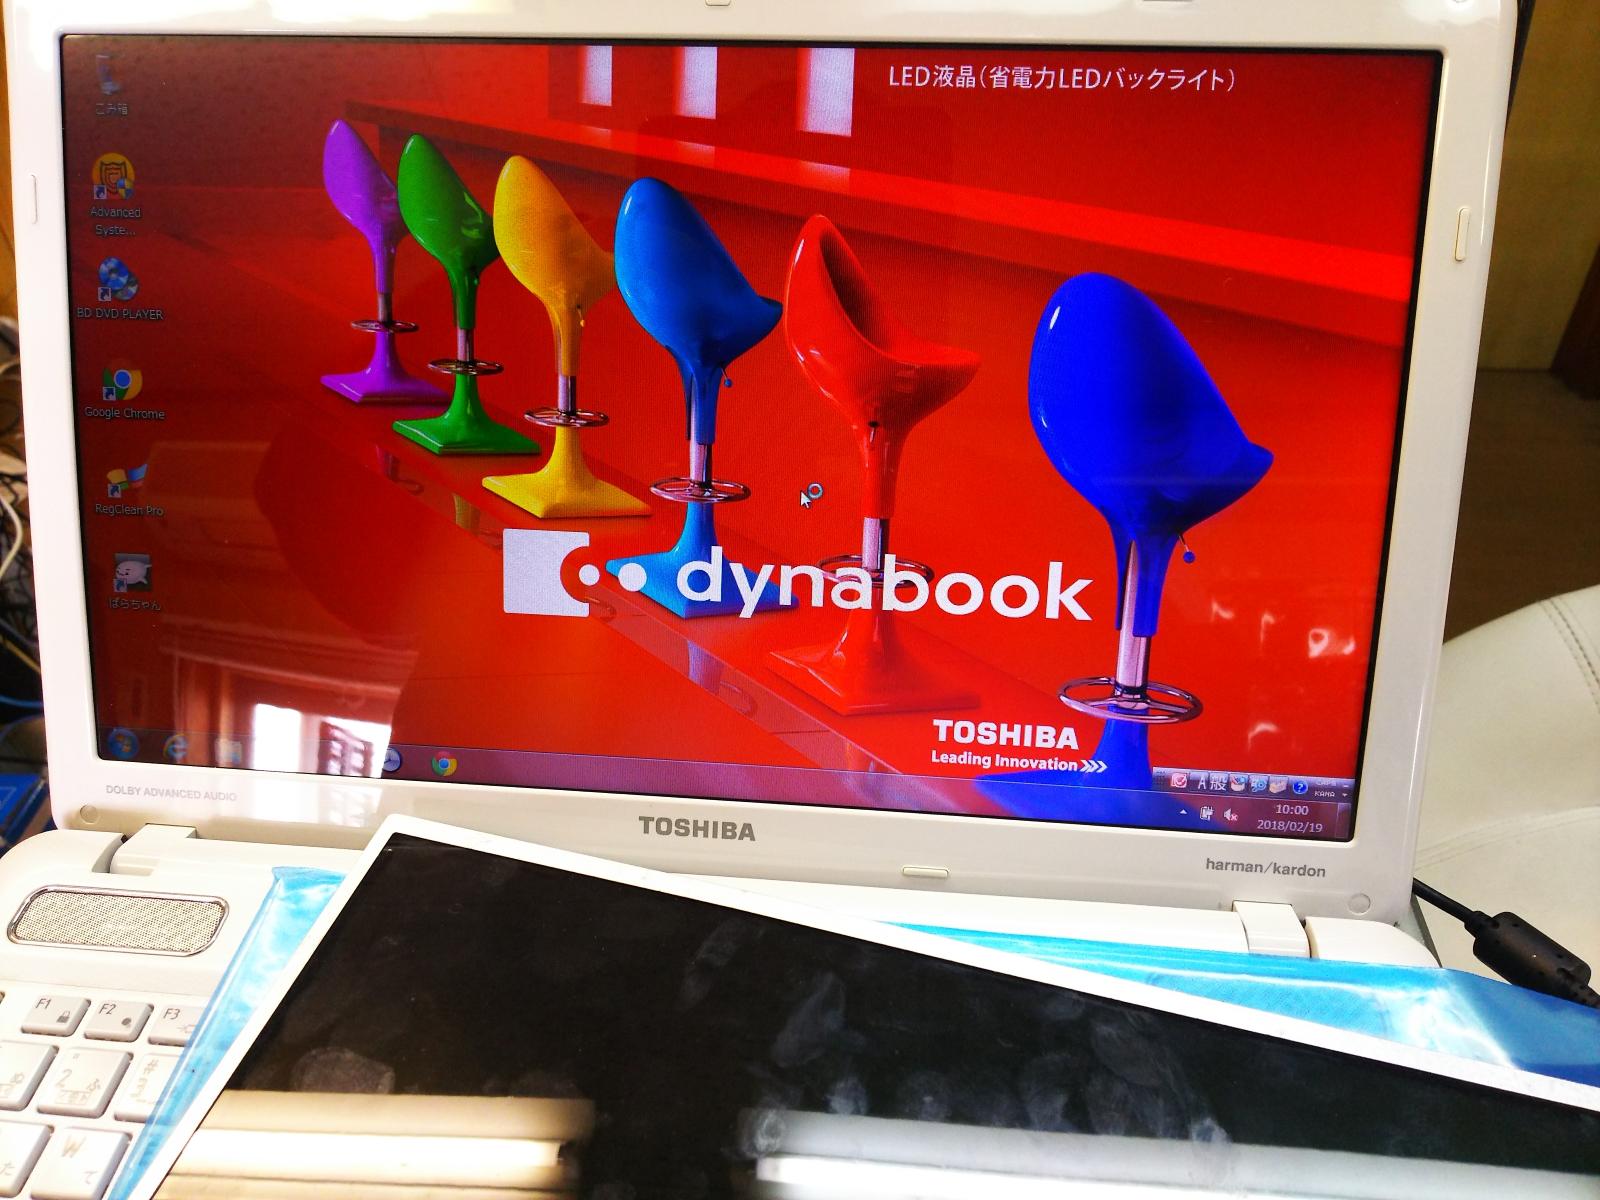 徳島市のパソコンショップ Digital Station Official Site 修理 サポート 東芝 Dynabook 液晶割れ修理